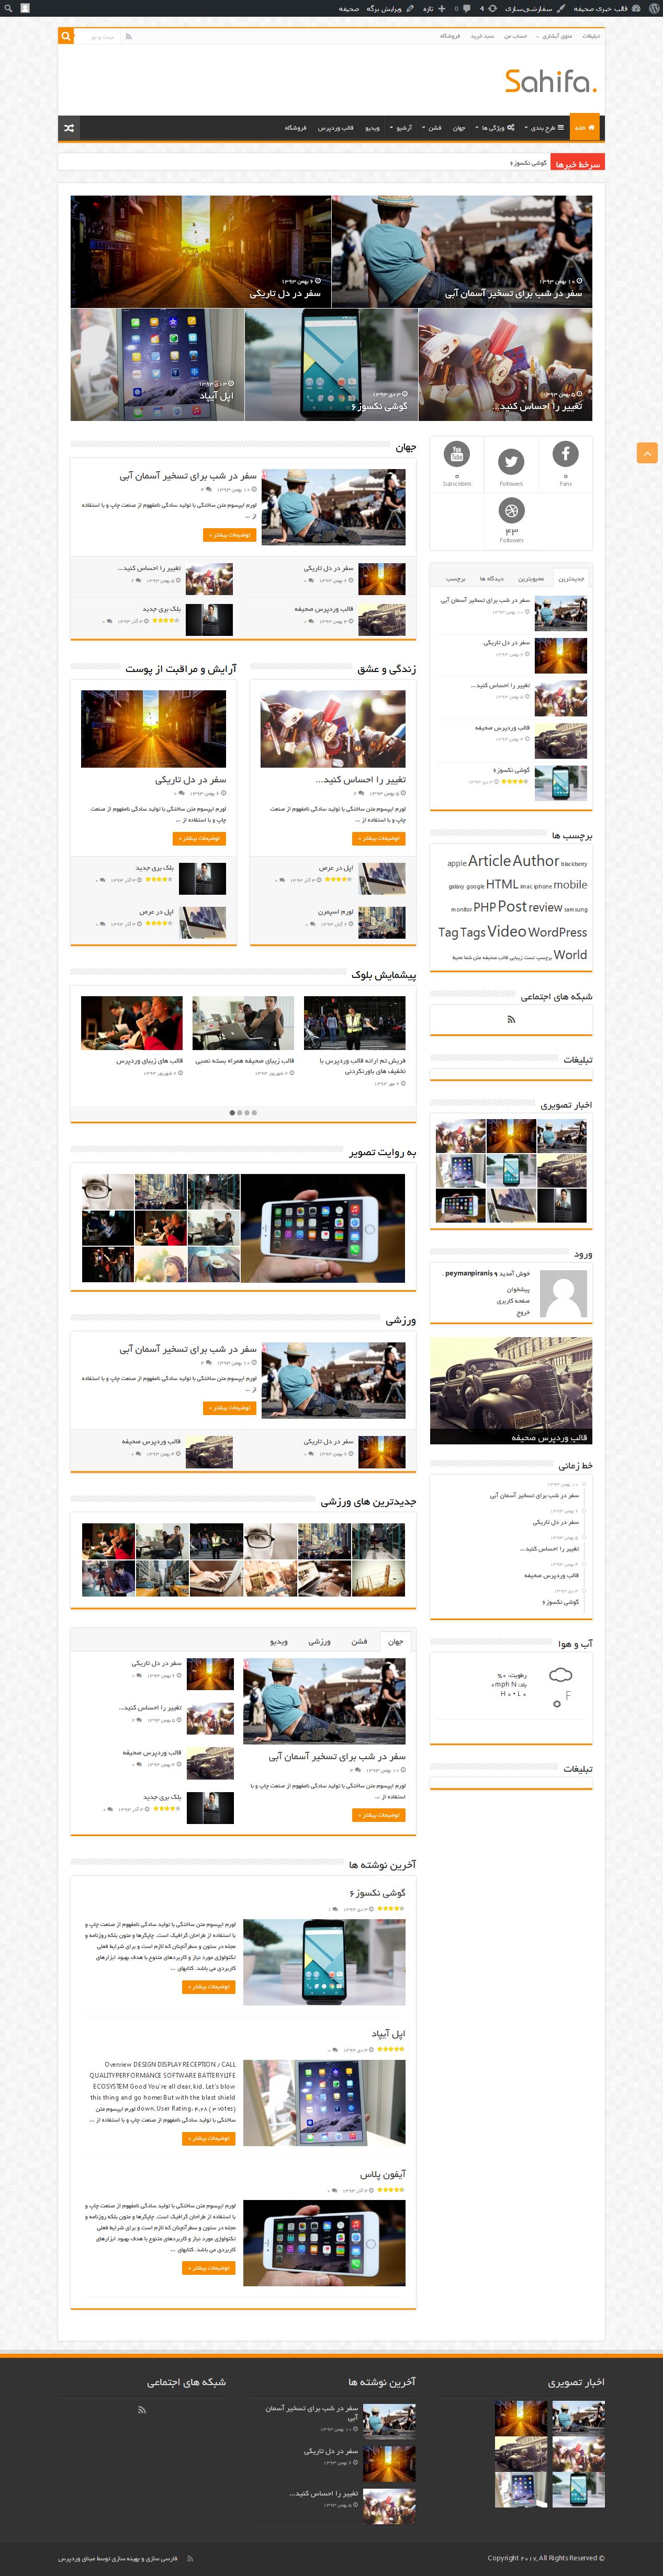 -تجاری-صحیفه دانلود نسخه تجاری و حرفه ای قالب صحیفه